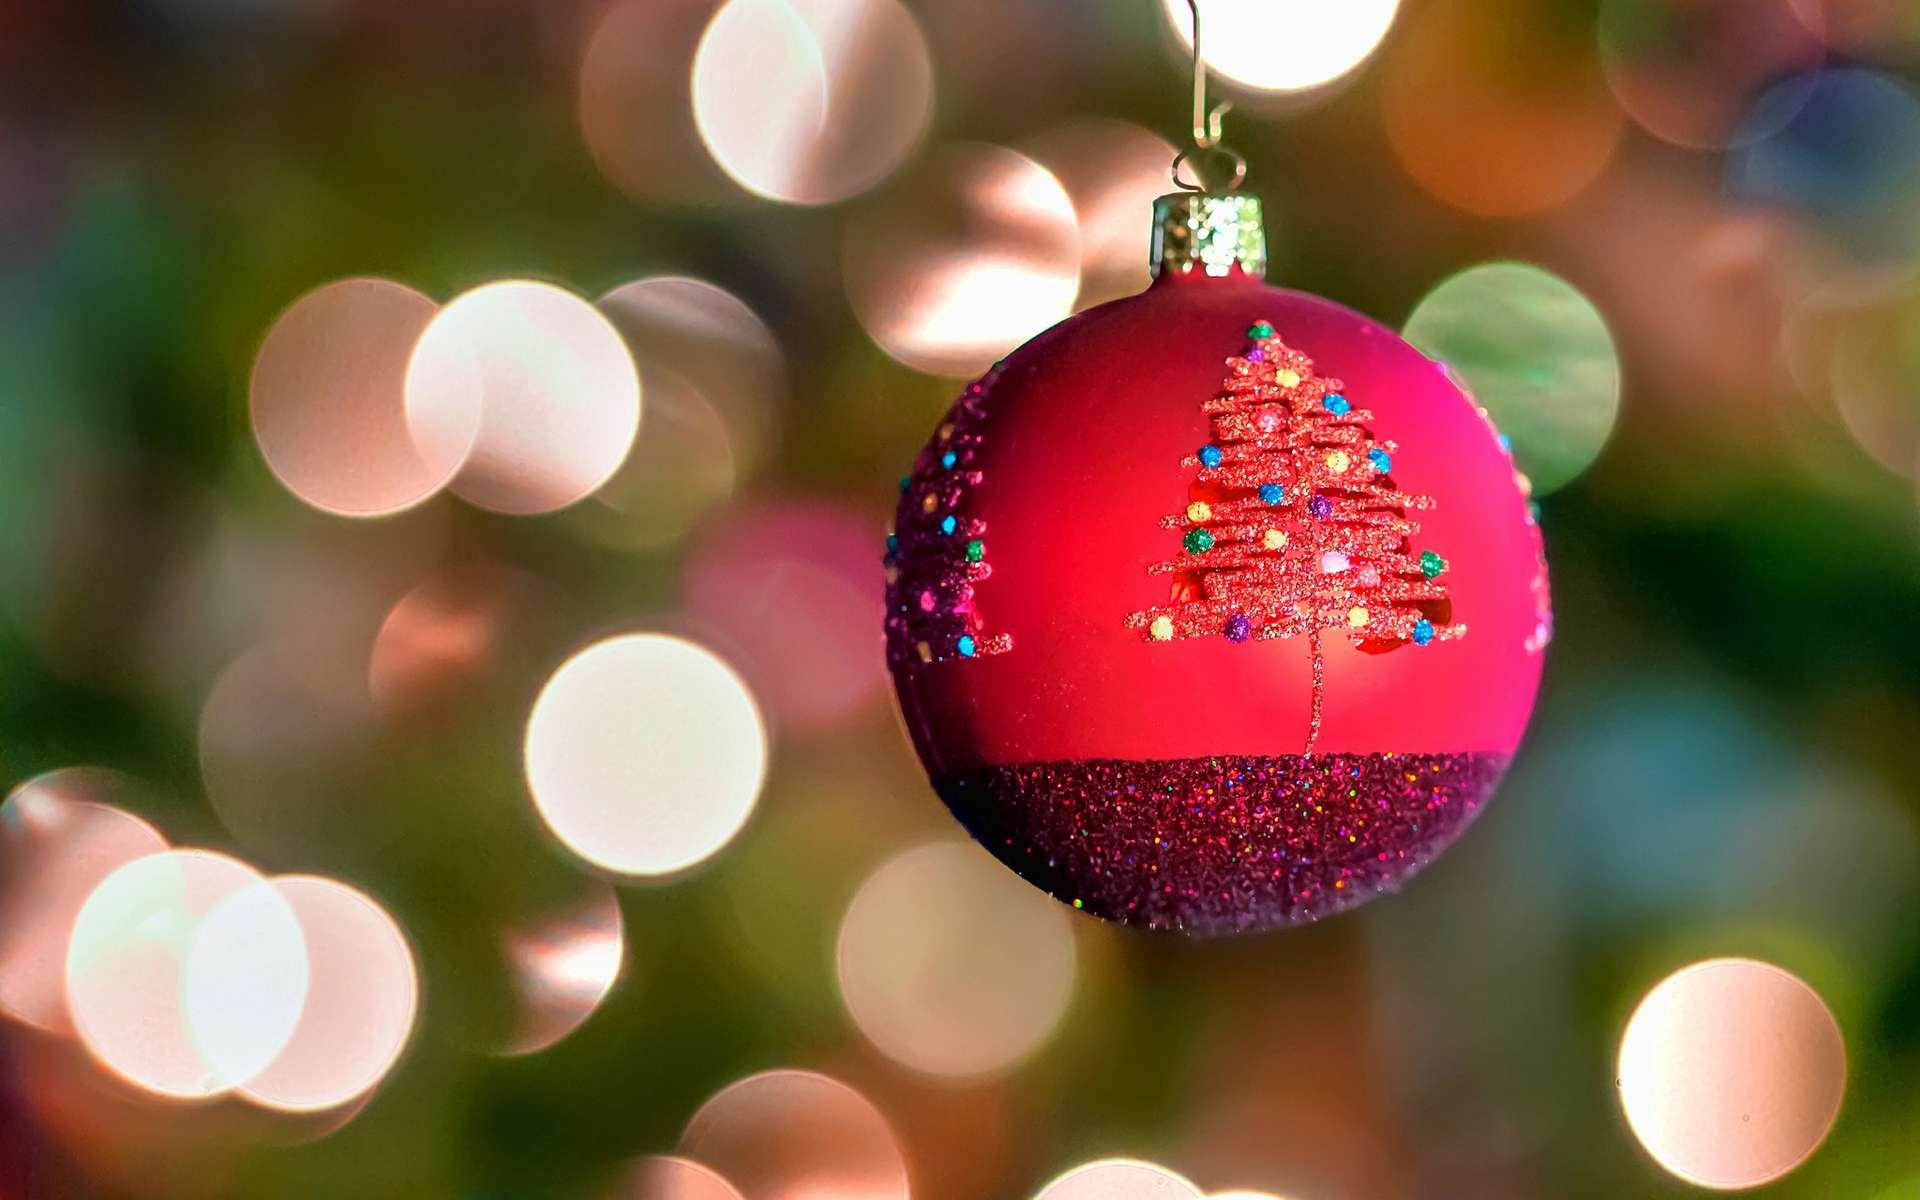 La féérie de Noël n'est pas appréciée de tous… Des chercheurs danois sont allés voir ce qui se passait dans le cerveau de ceux qui aiment cette fête pour localiser « l'esprit de Noël ». © Bill Dickinson, Flickr, CC by-nc-nd 2.0